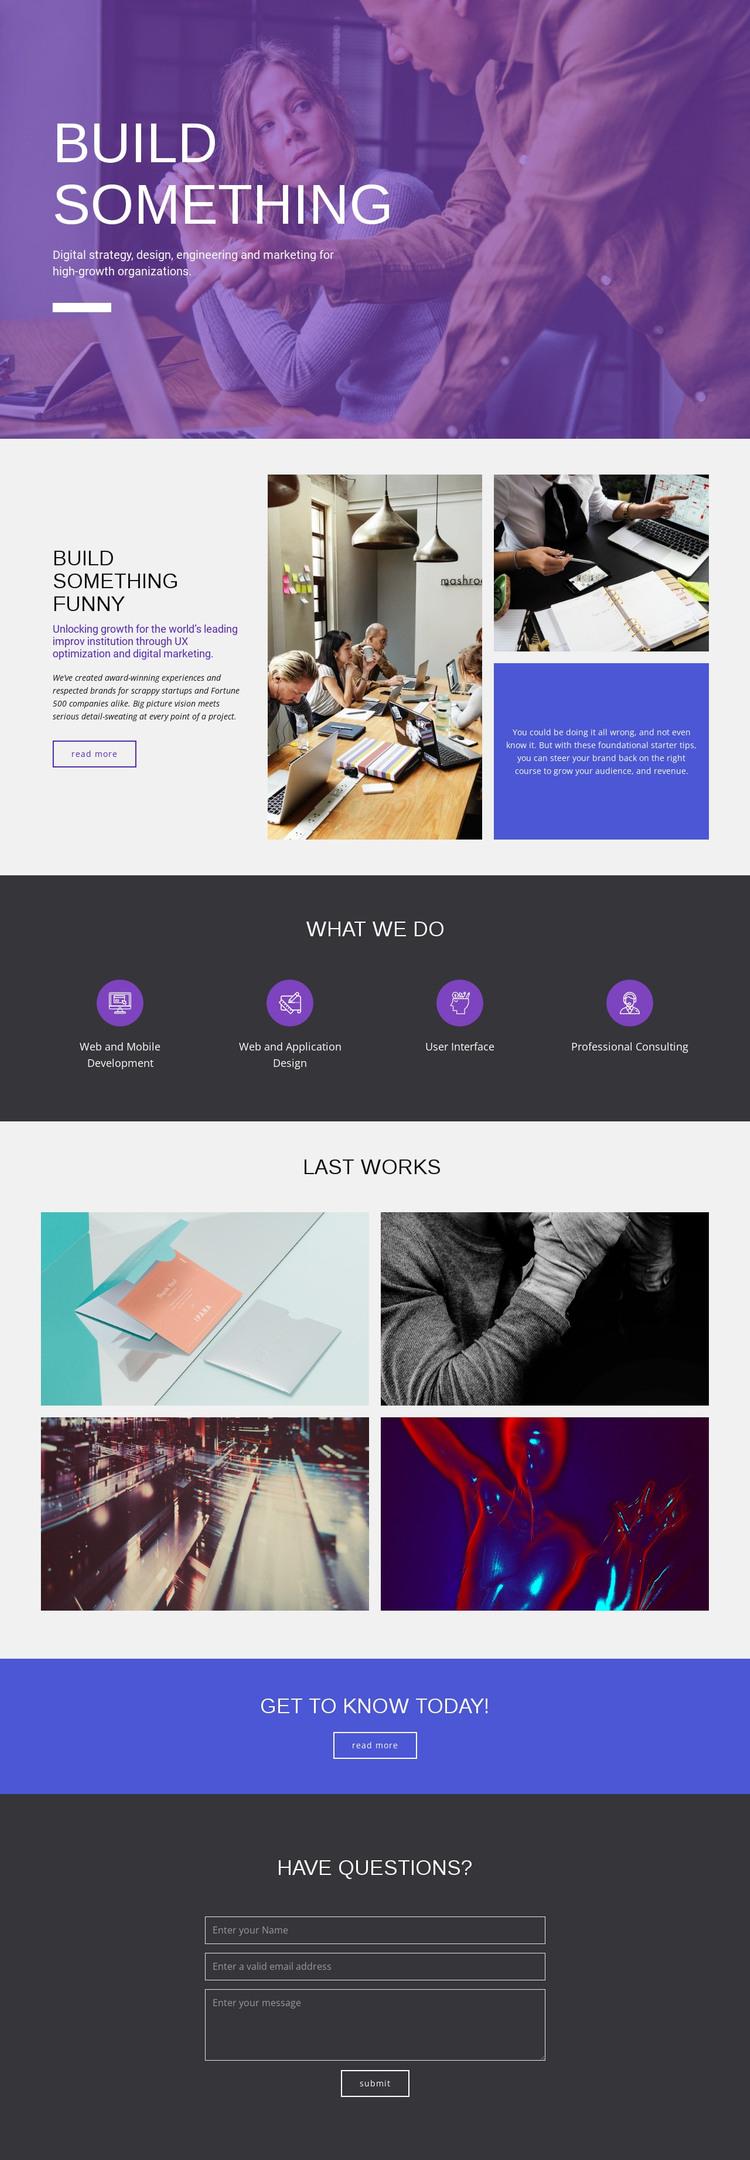 Building agency Web Design